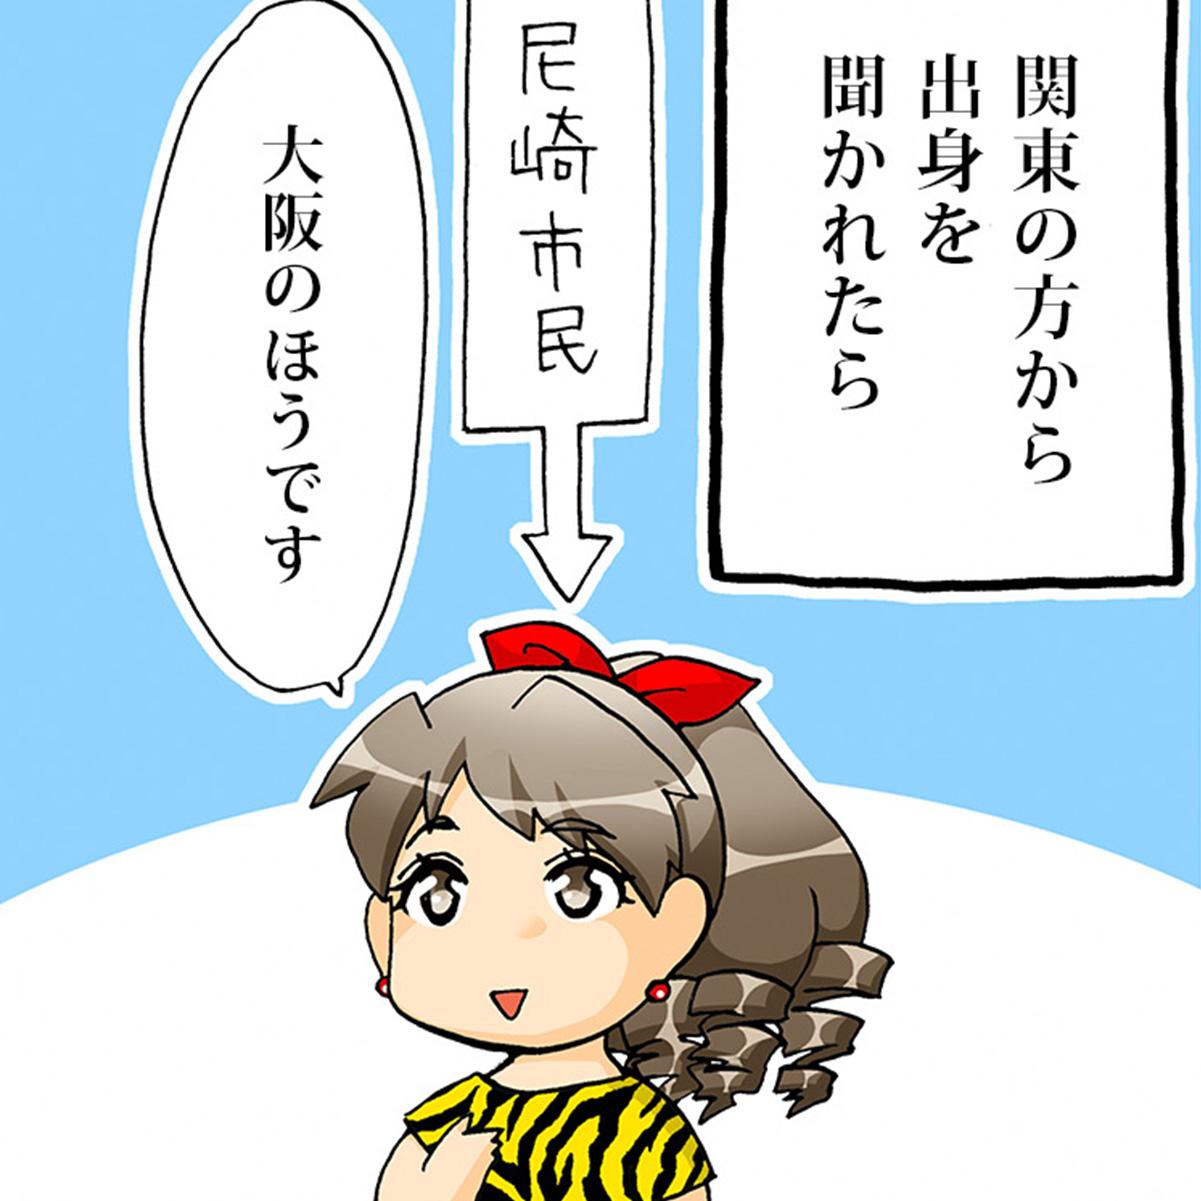 関西では「アマ」と答え、関東では「大阪のほう」と答える